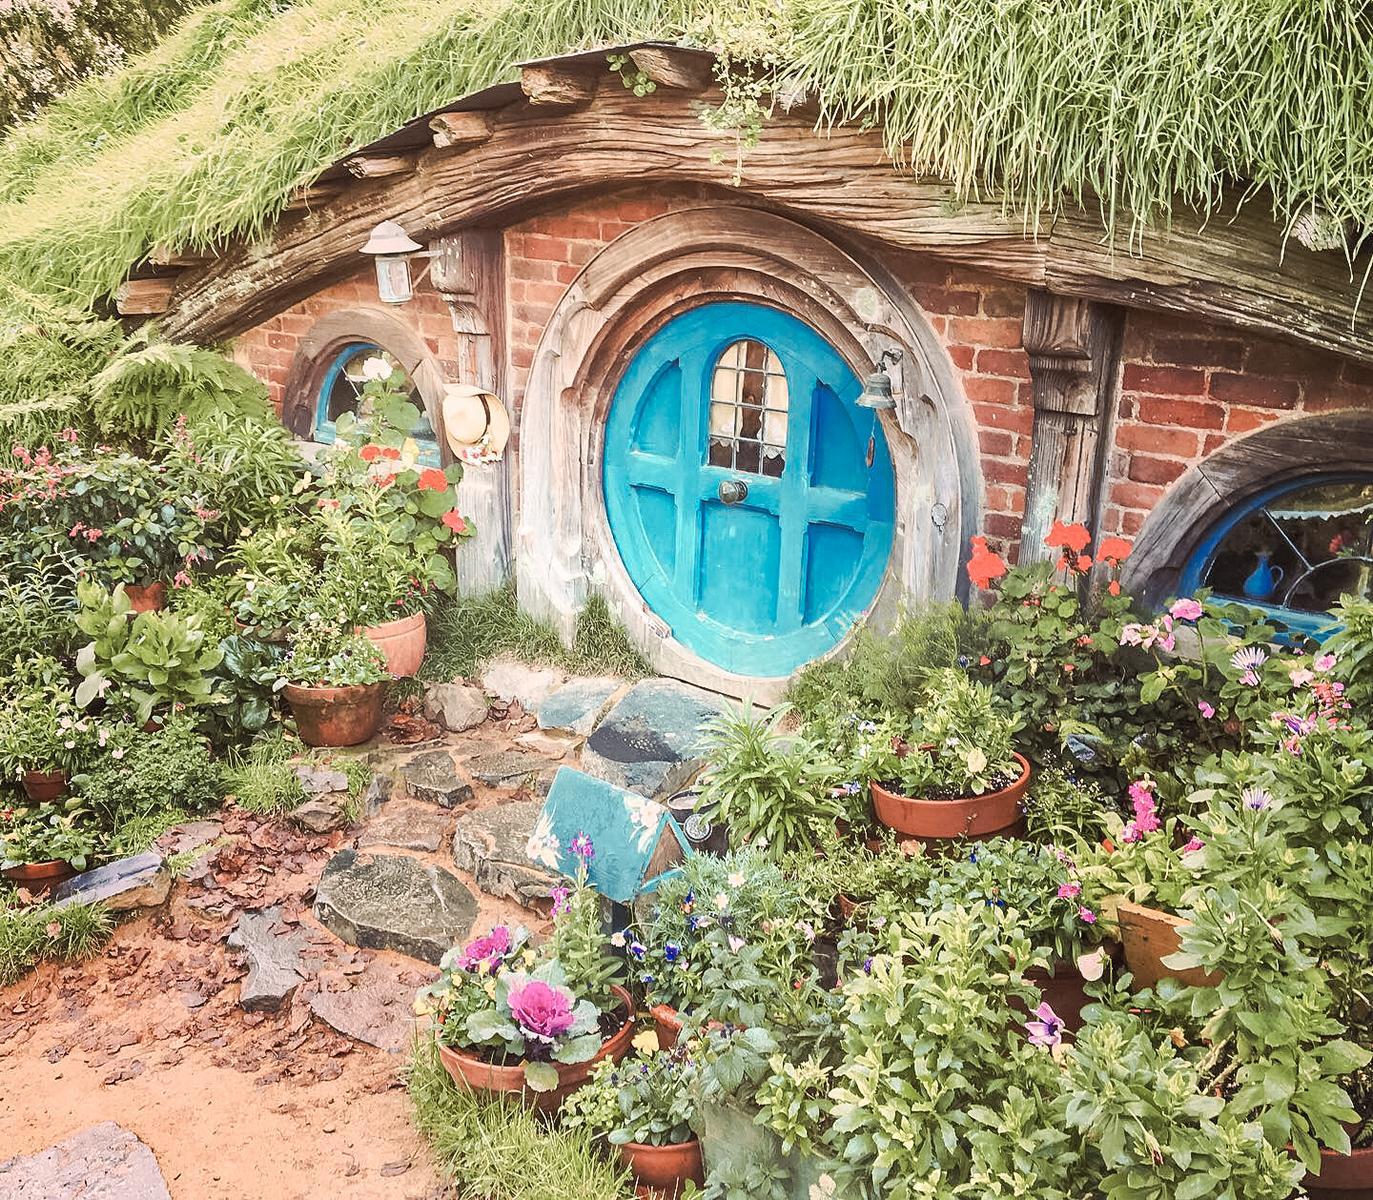 Hobbiton Neuseeland: zu Besuch beim Auenland in Mittelerde